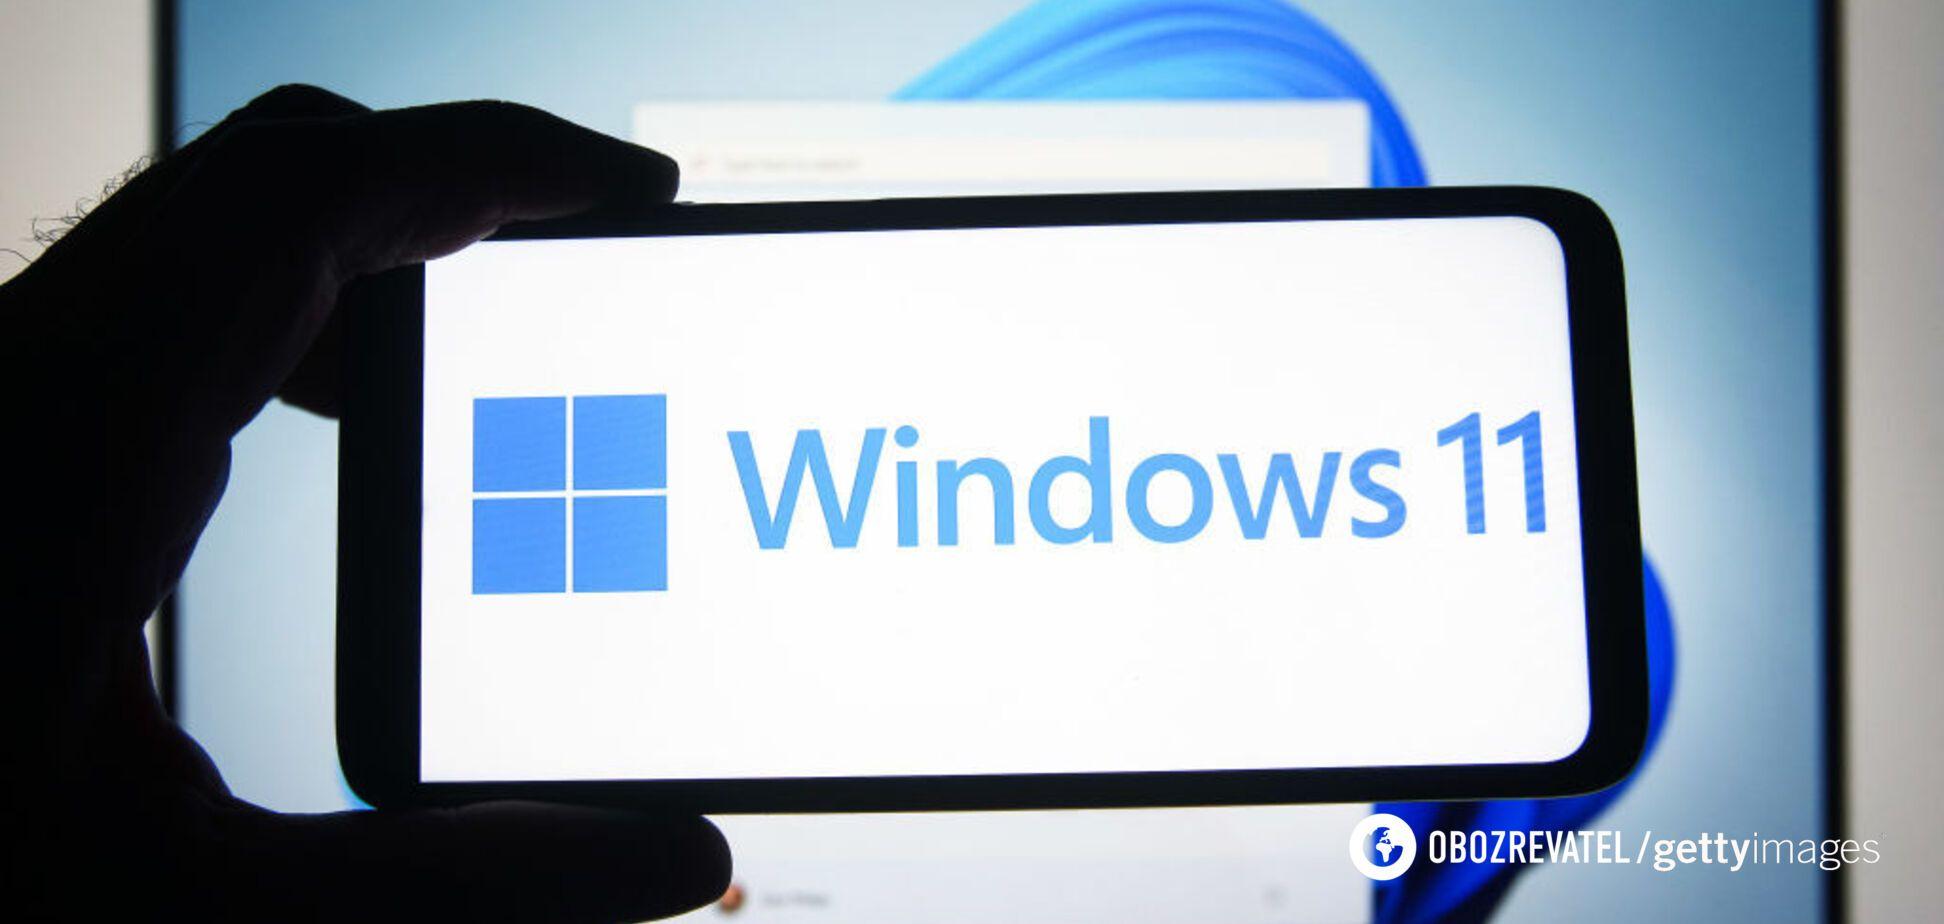 Хакеры нашли новый способ красть данные пользователей Windows: что нужно знать